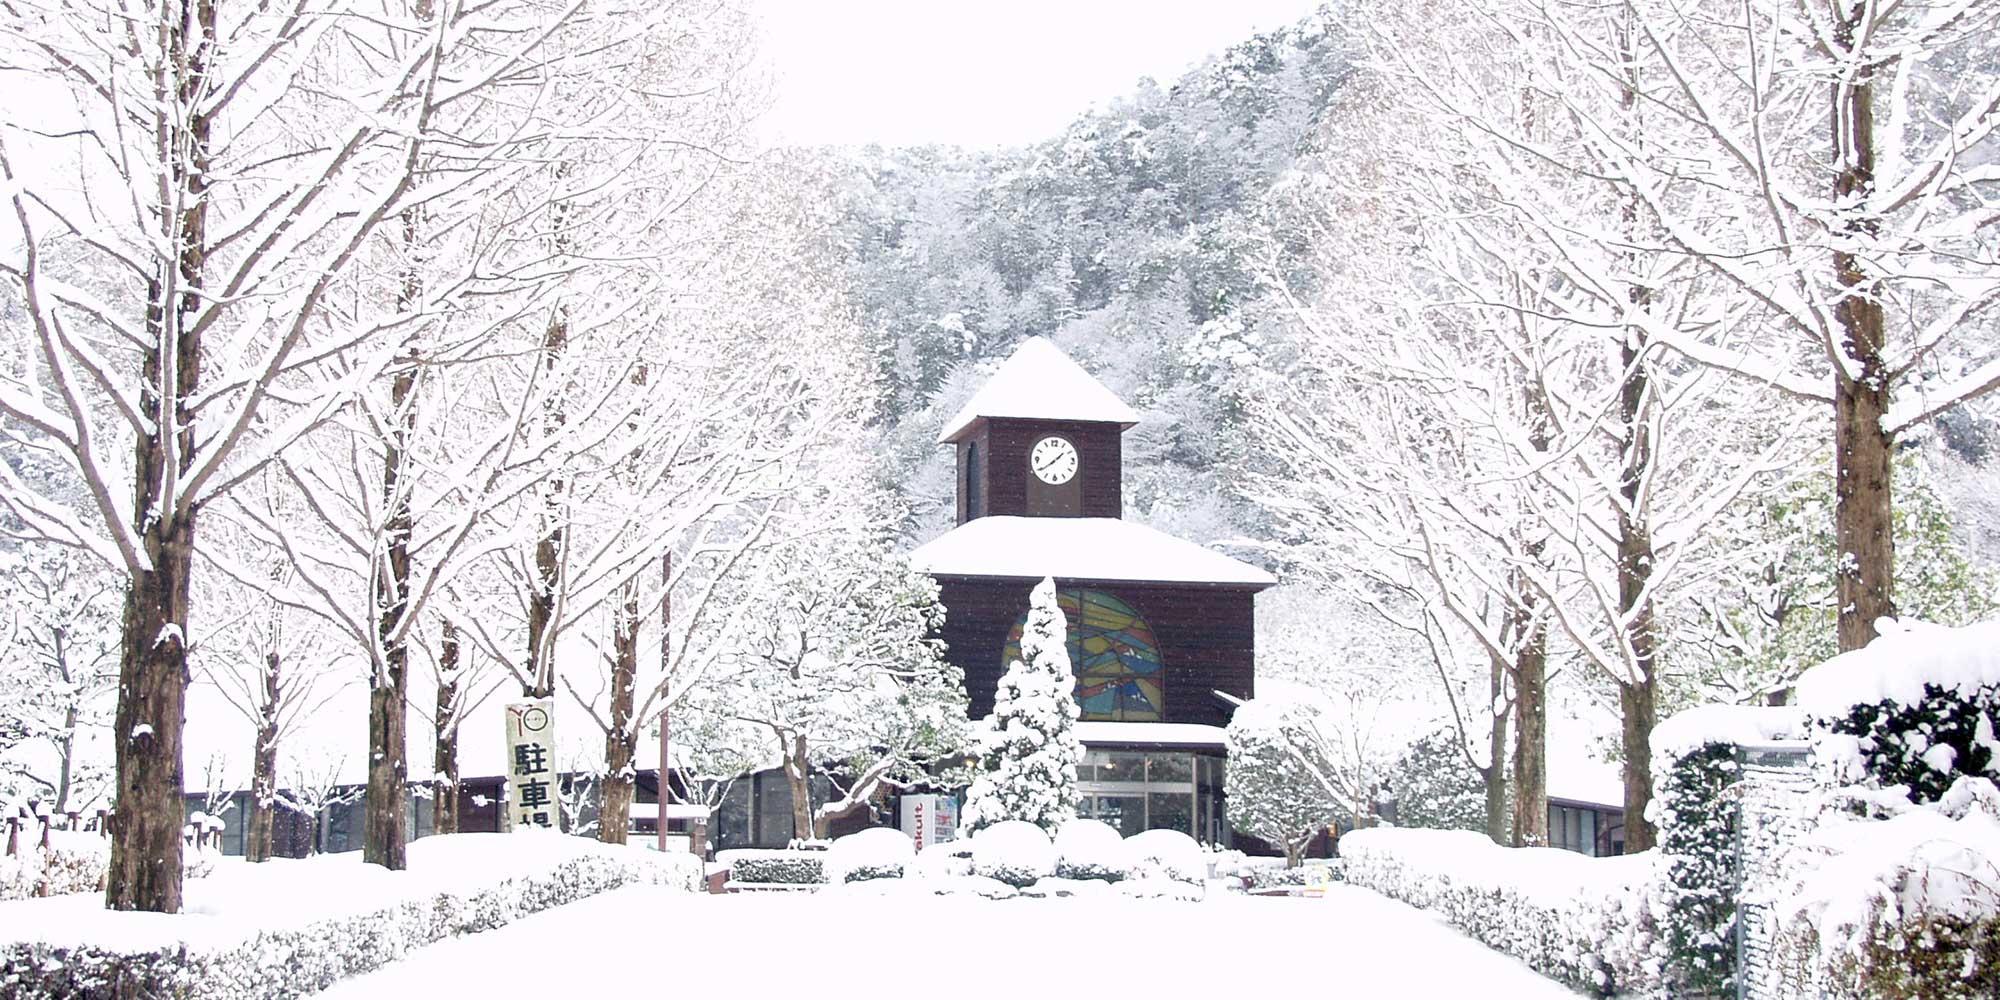 キャンプ・アウトドア施設 日本のへそ日時計の丘公園